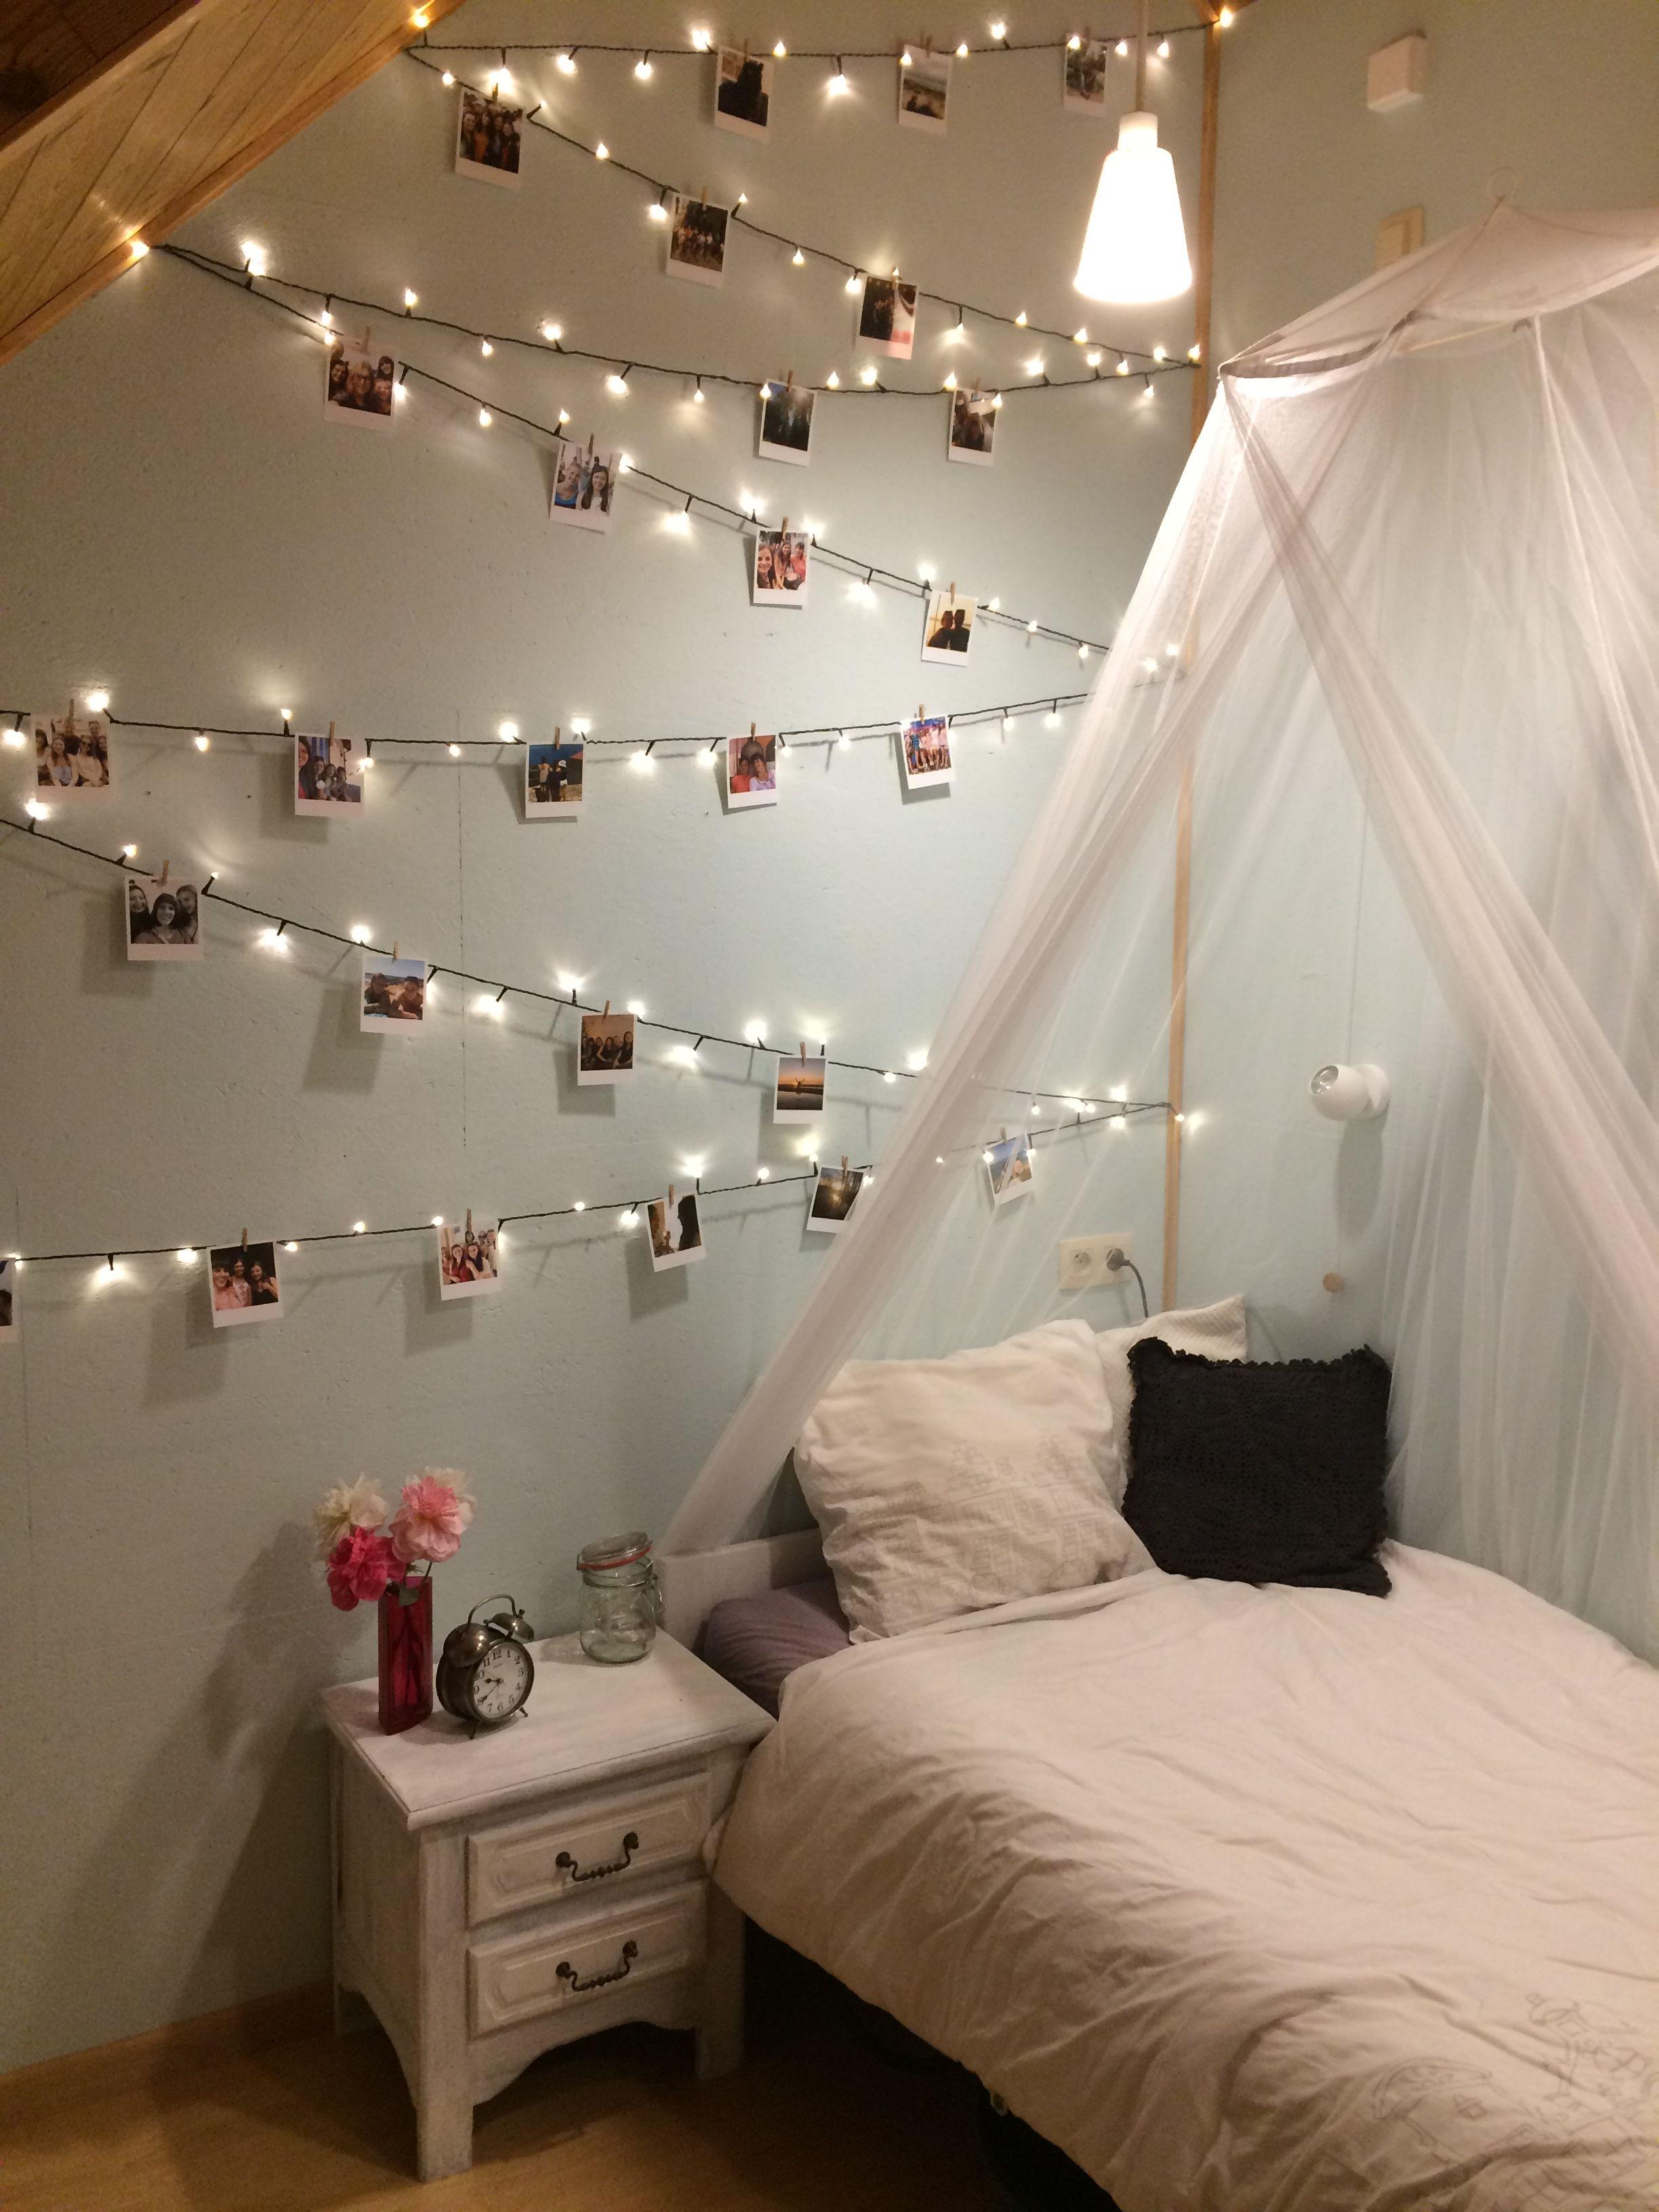 Cozy Bedroom Project Relaxing Bedroom Cozy Bedroom Lighting Bedroom Decor Lights